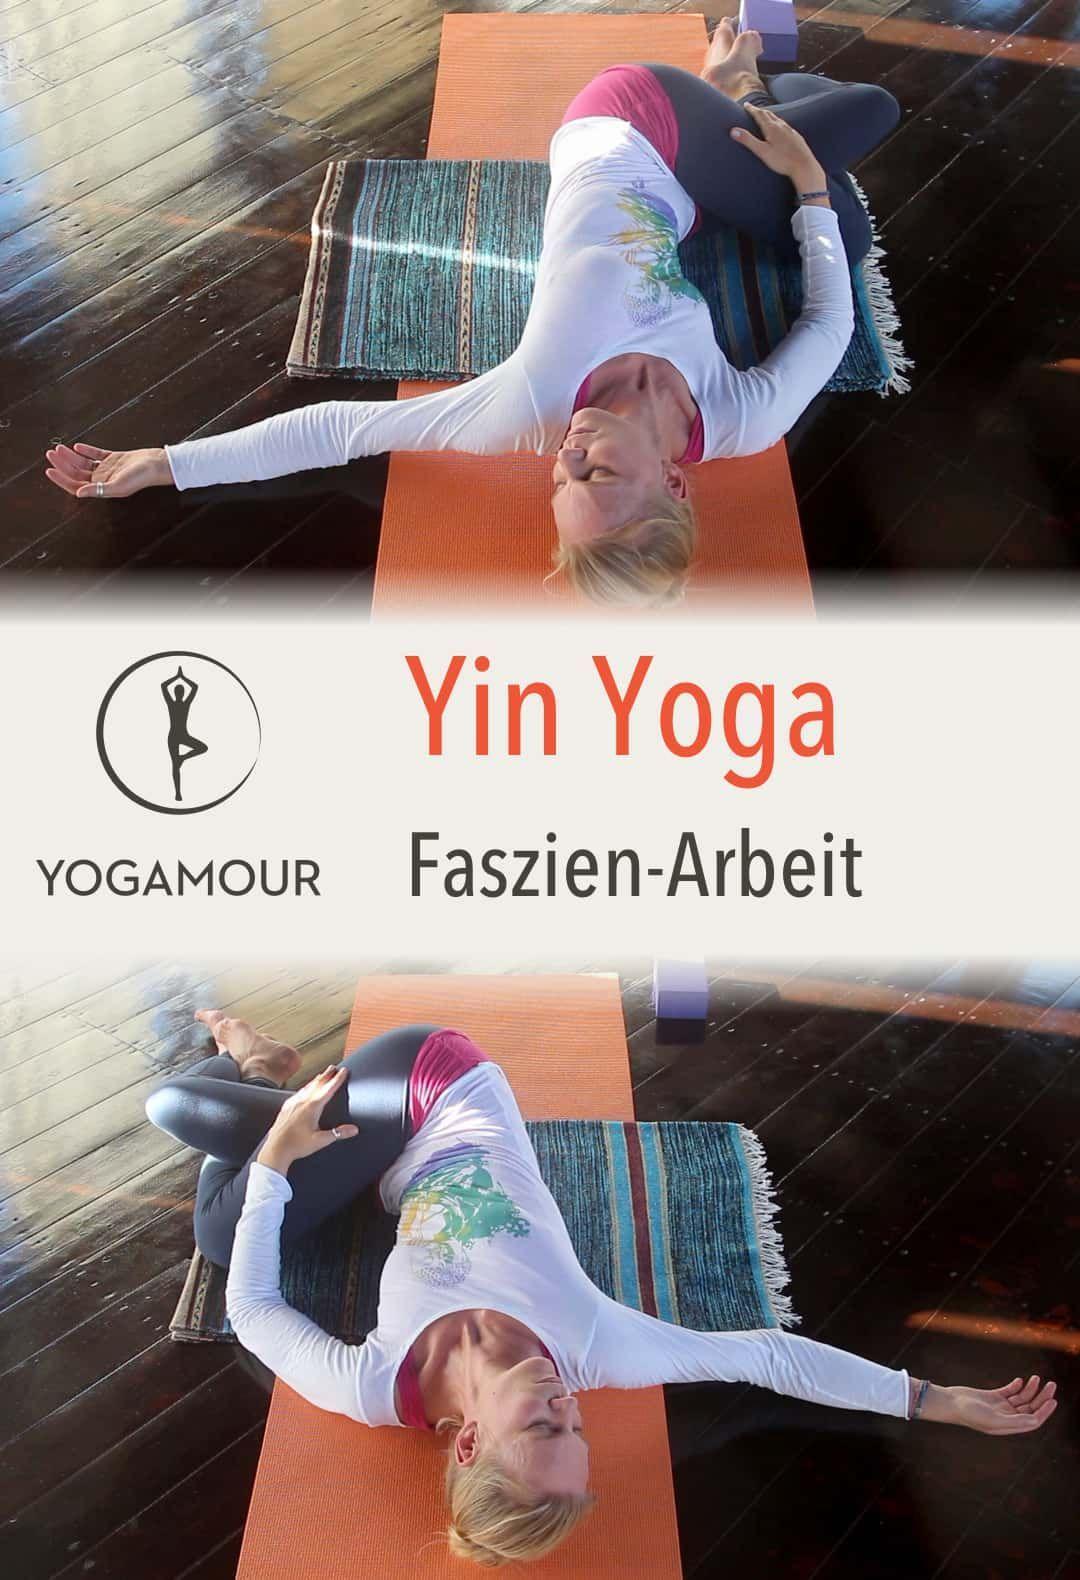 Faszien dehnen, Muskeln entspannen und tief eintauchen mit sanften Yin Yoga asan... -  Fitness train...